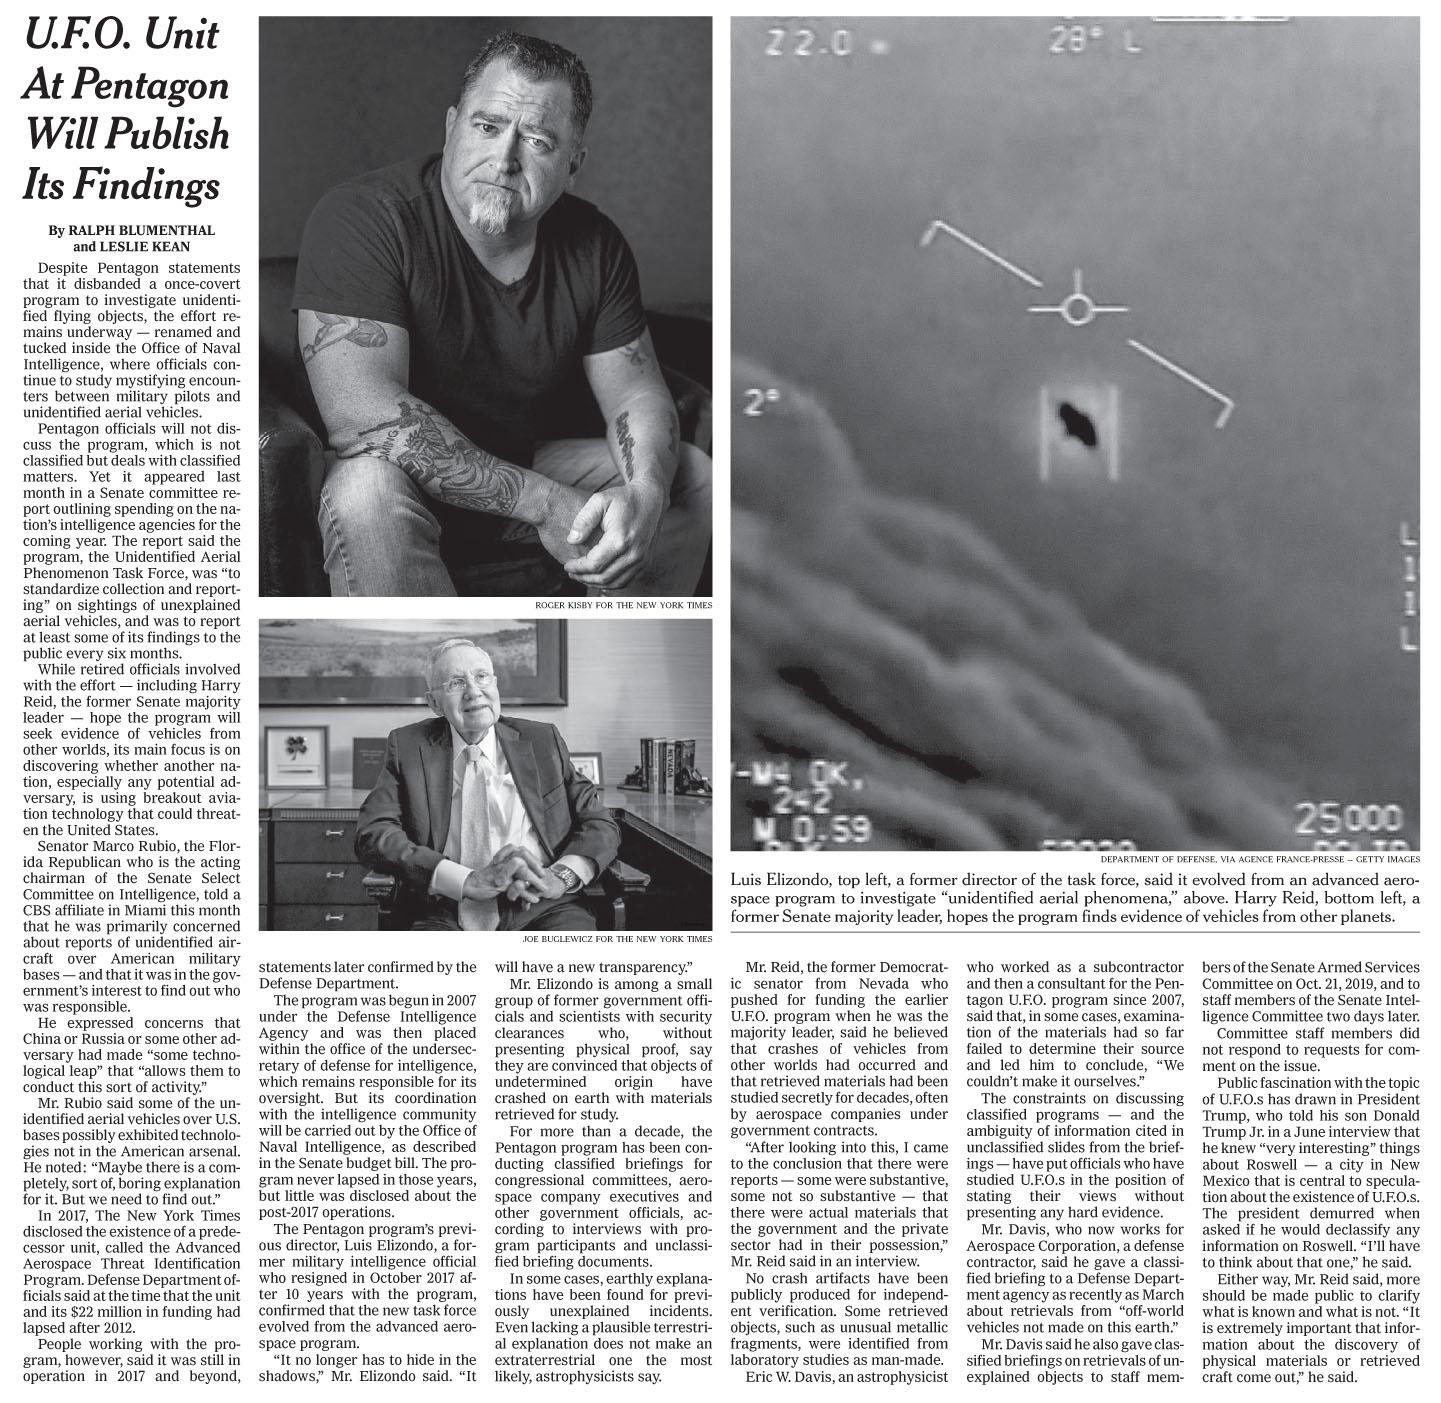 NYT 2020-07-24 UFO.jpg